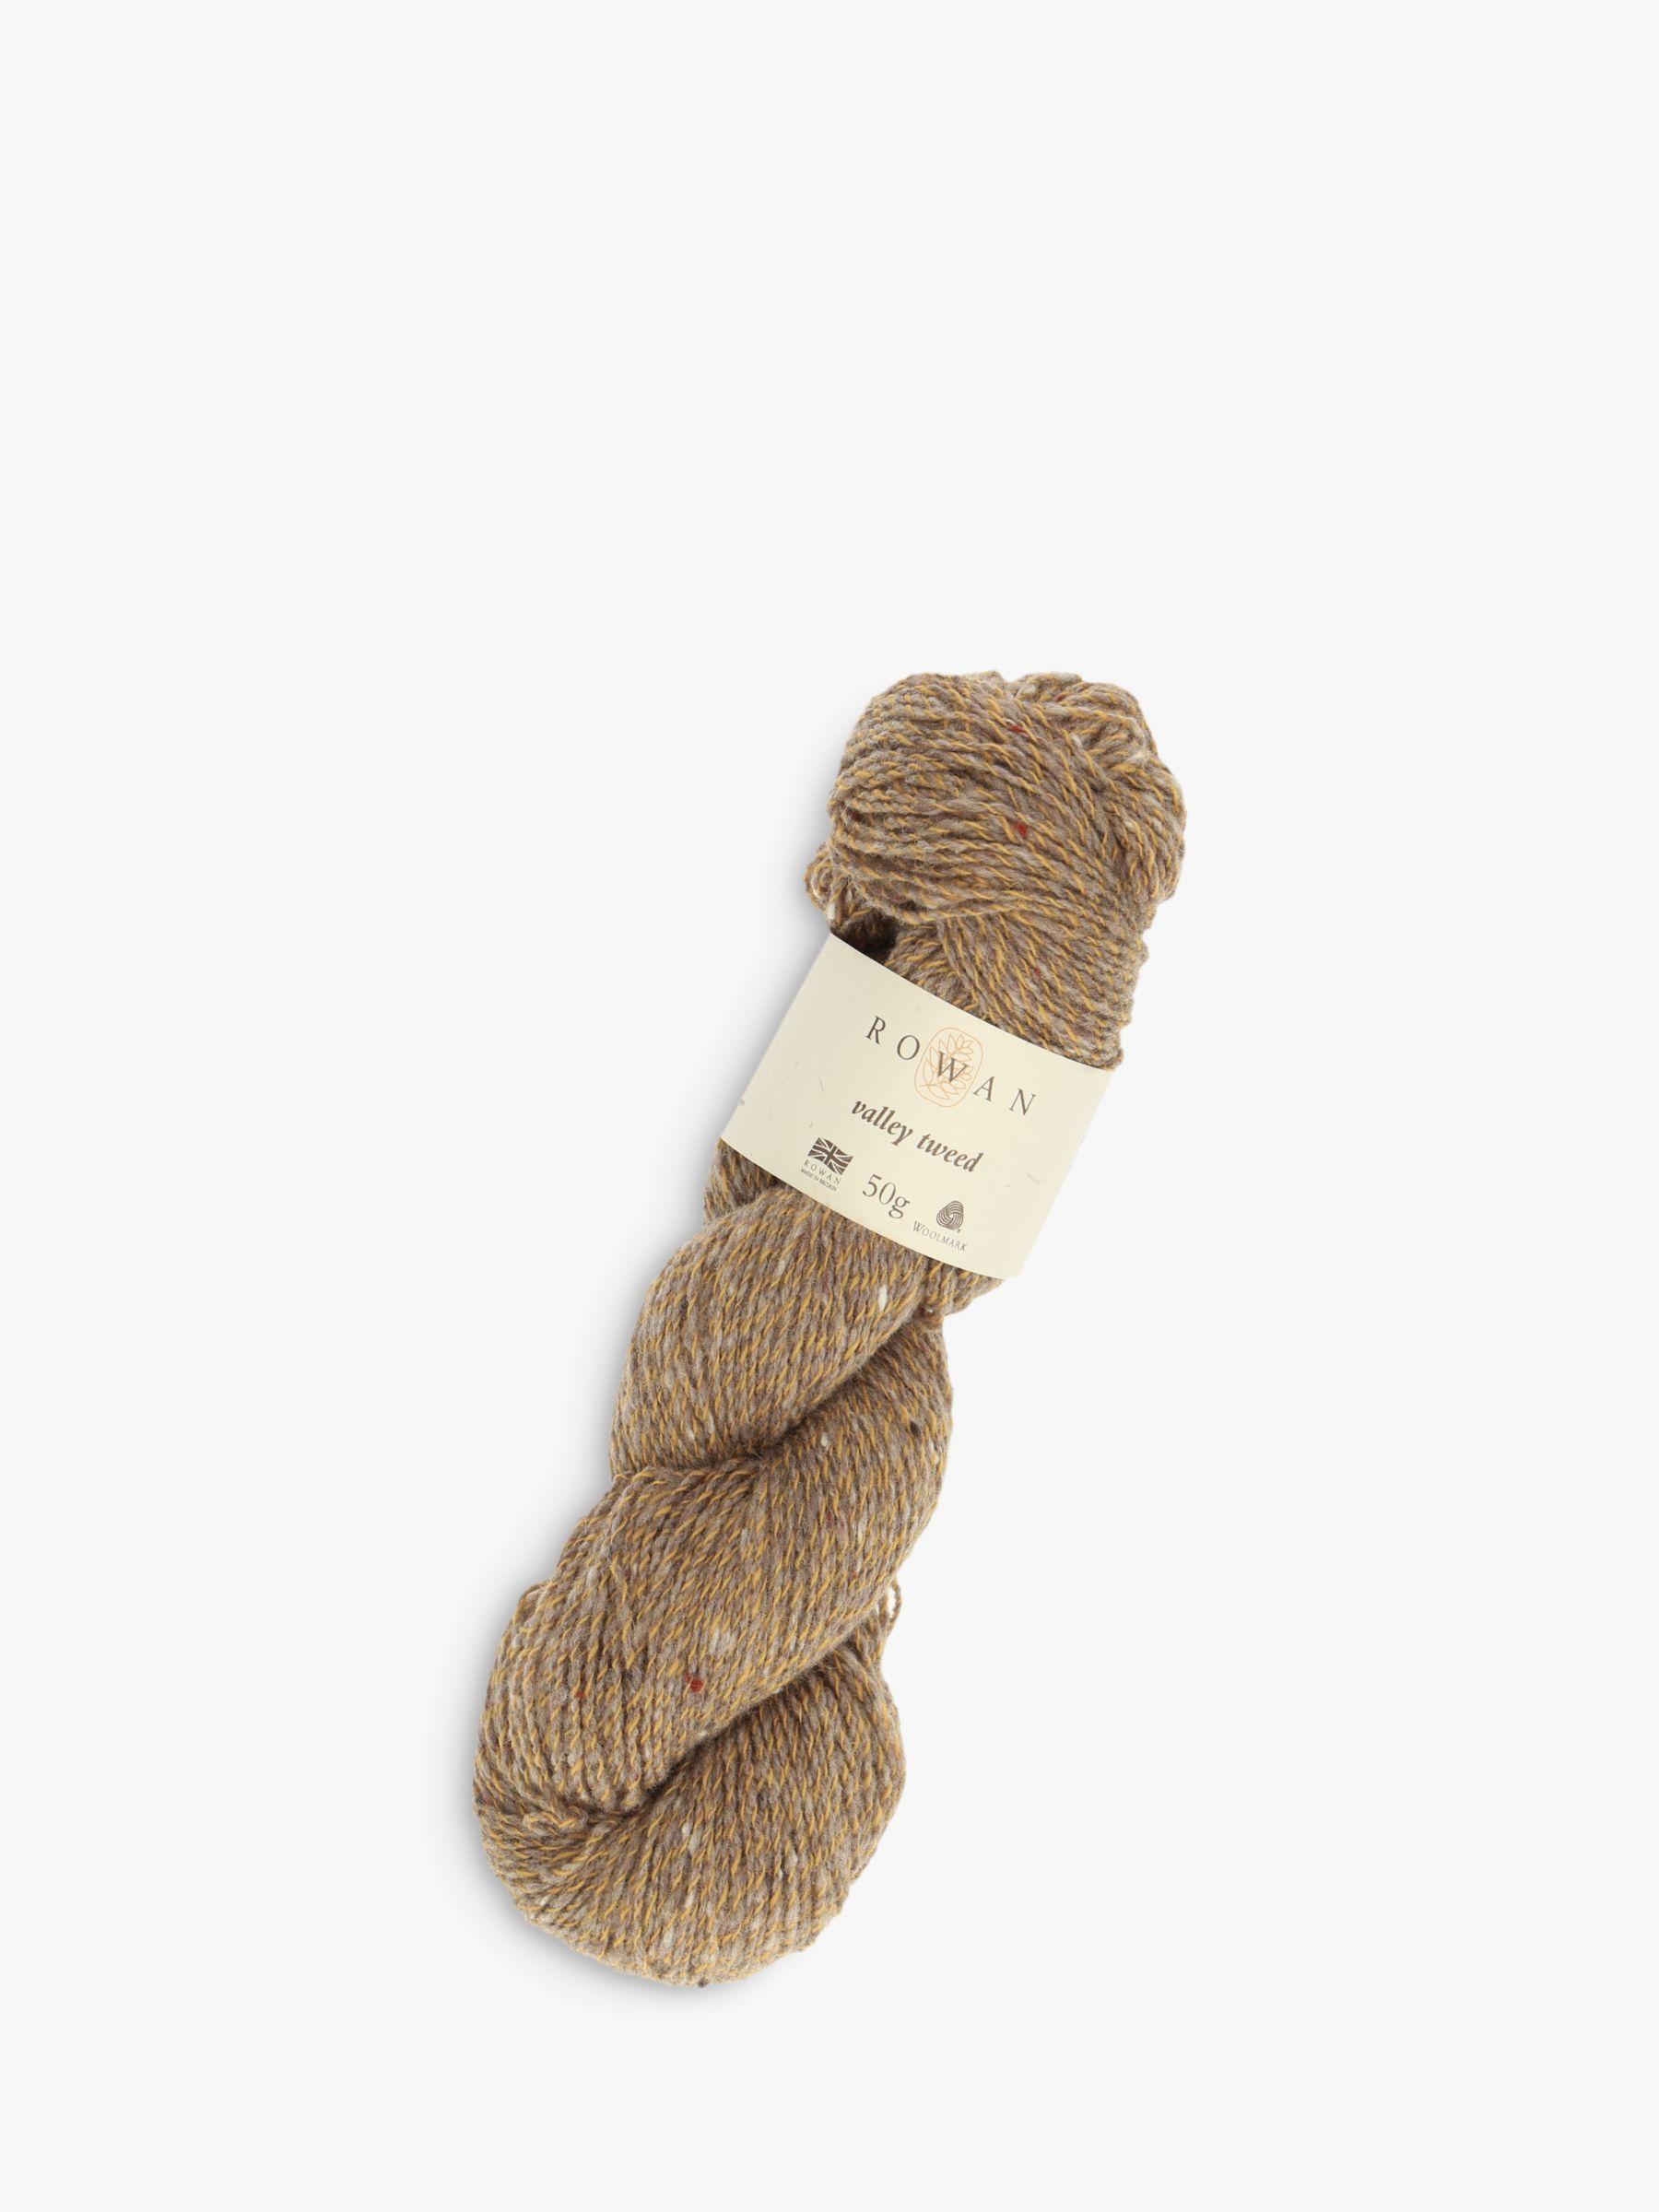 Rowan Rowan Valley Tweed Yarn, 50g